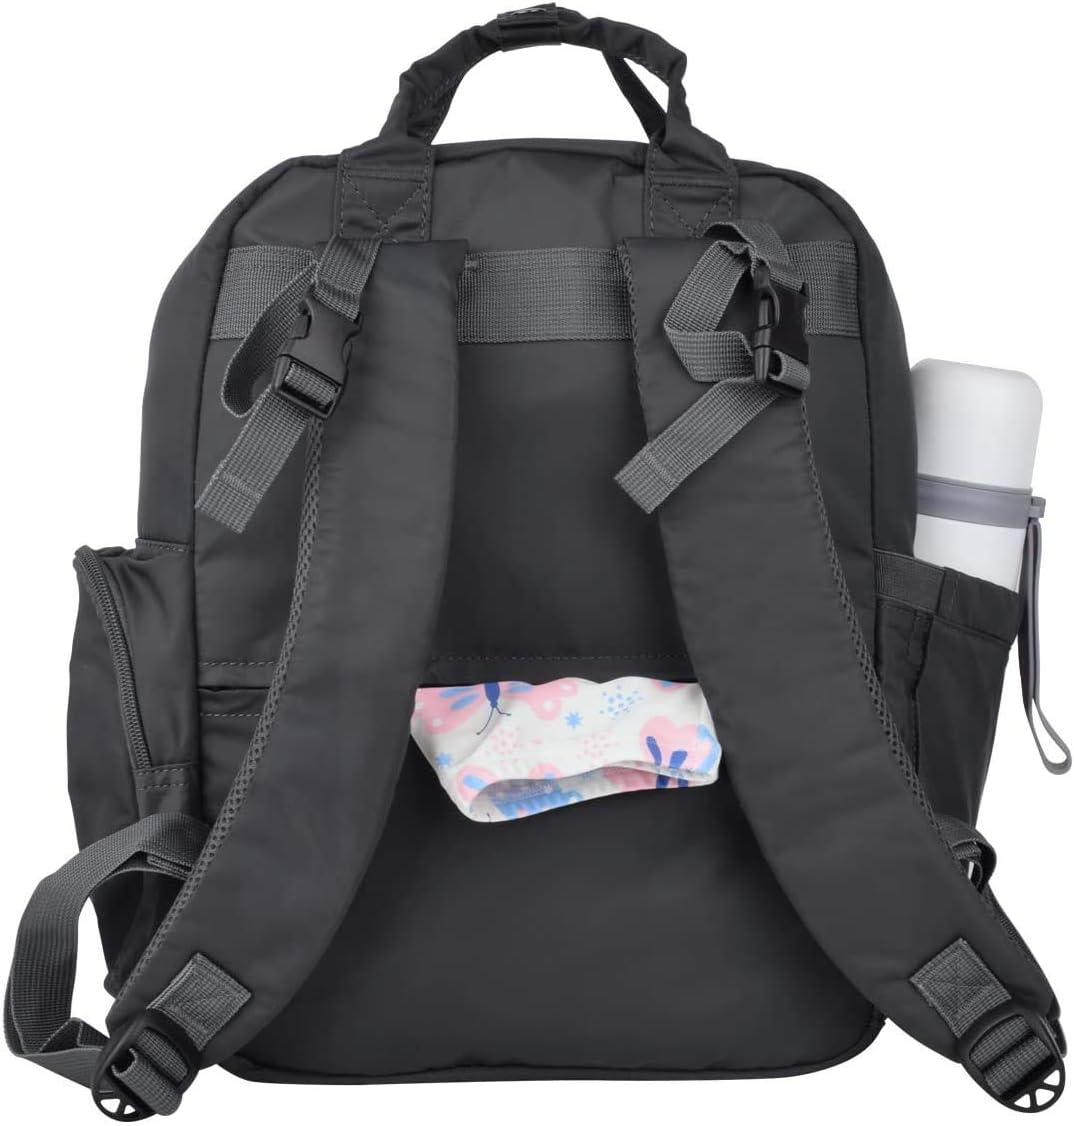 SUNSEATON Zaino Mamma Multifunzione Neonato Borsa con Materassino Fasciatoio Grande Capacit/à Zaino per Viaggiare Mamma Pap/à Tasche Isolanti Bottiglia